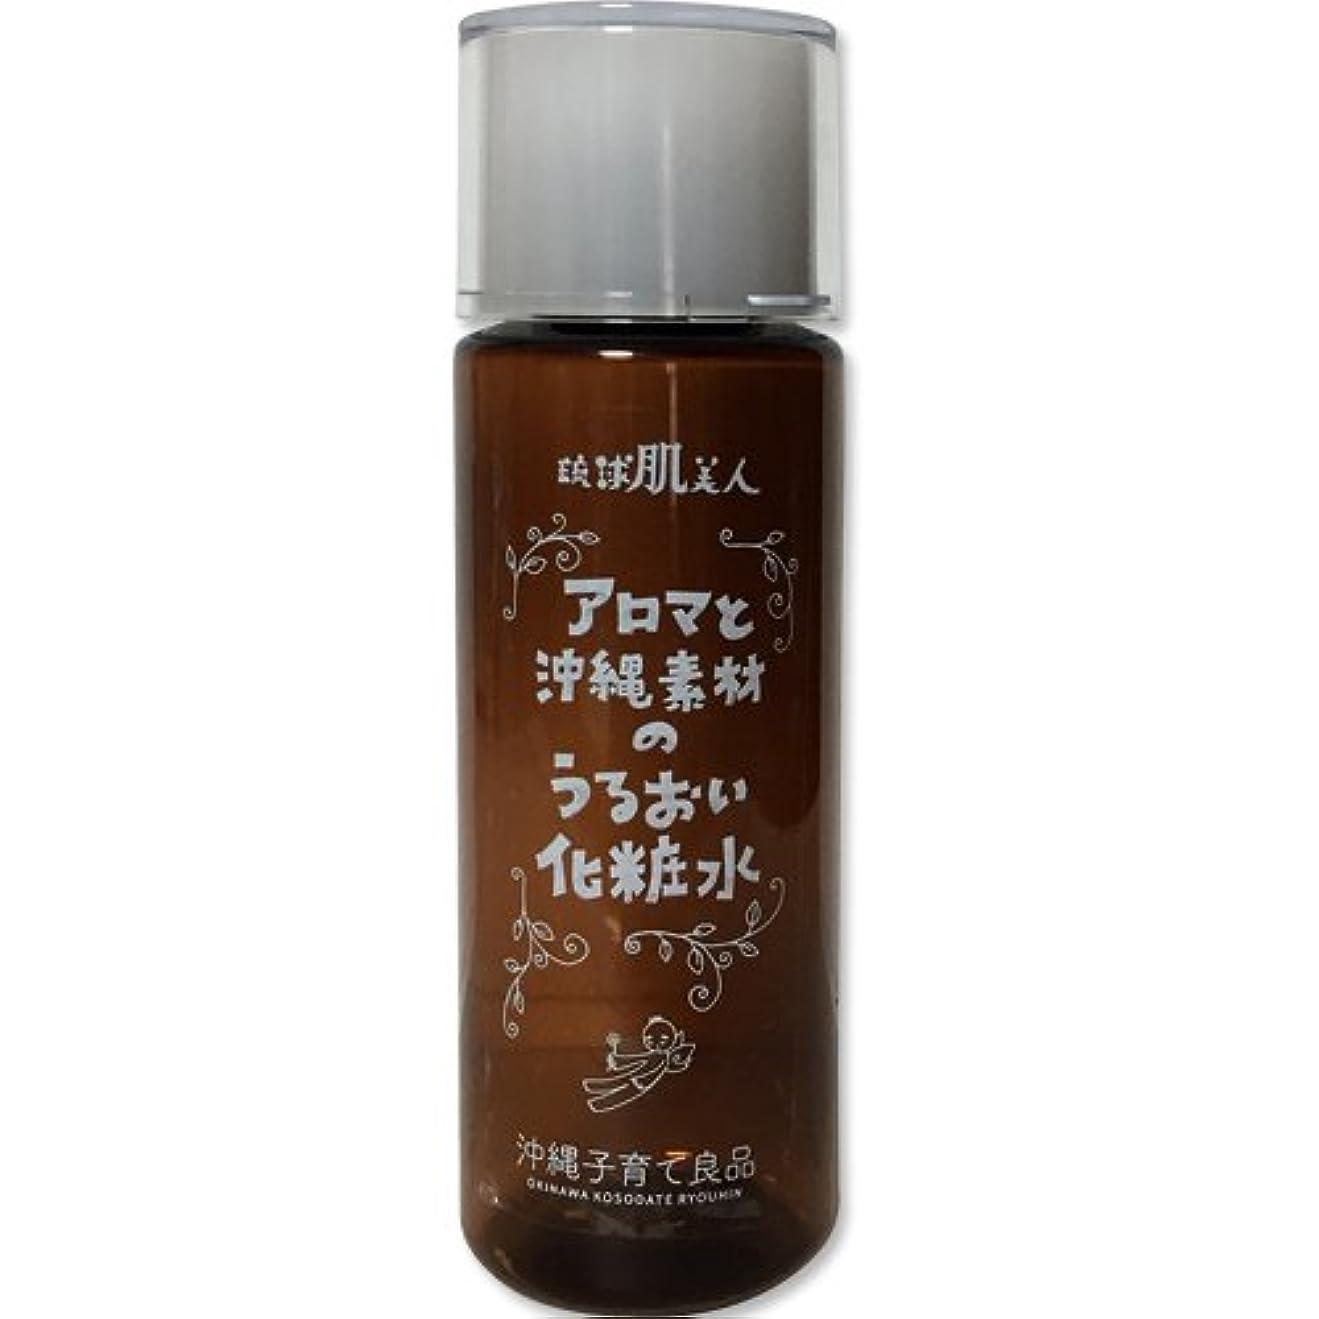 くつろぐ類推救い保湿 化粧水 無添加 アルコールフリー アロマと沖縄素材のうるおい化粧水 120ml